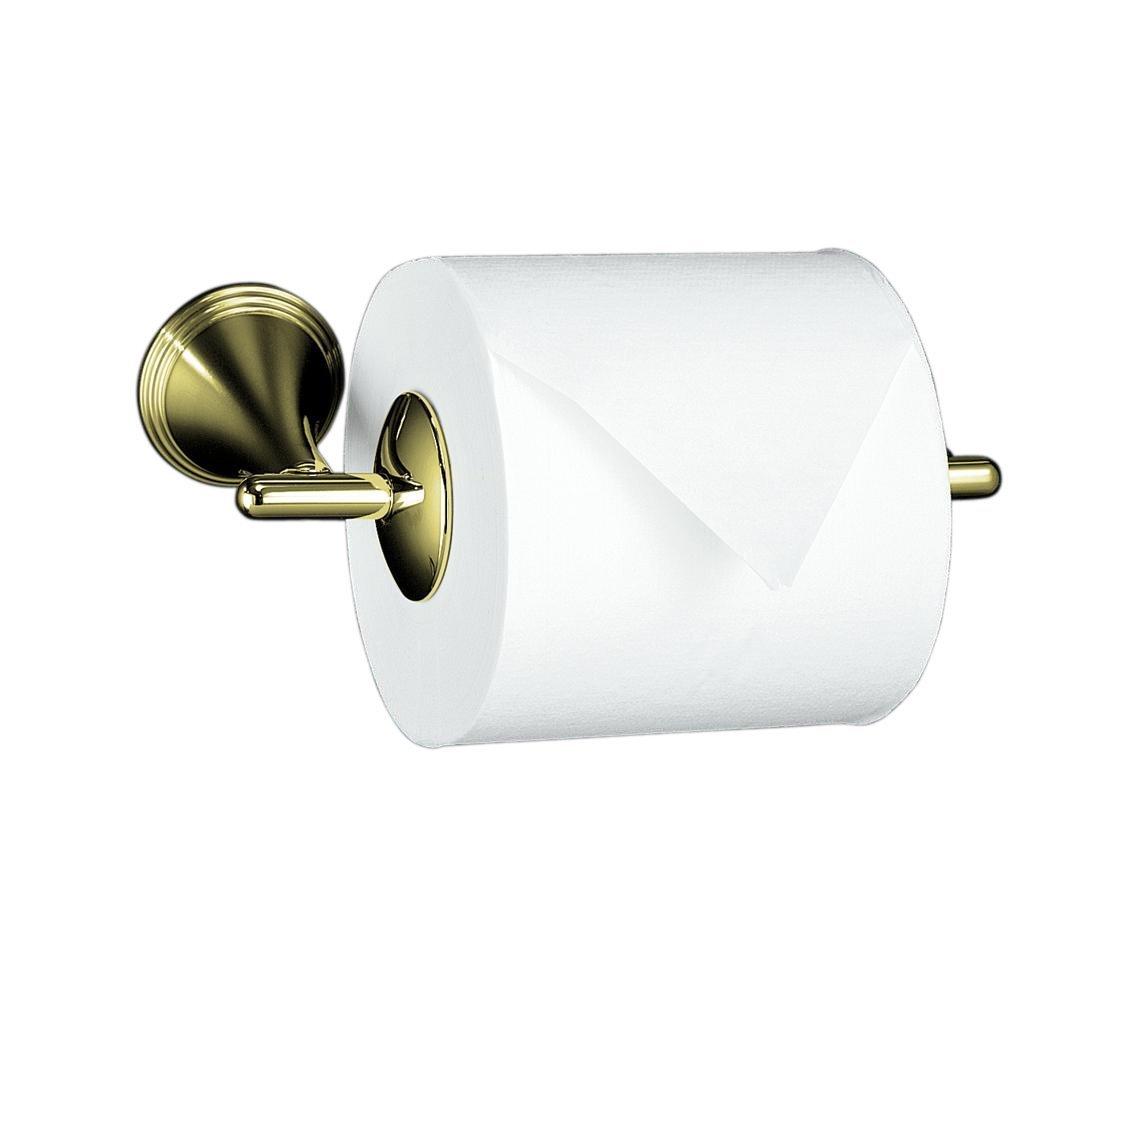 KOHLER K-361-AF Finial Traditional Toilet Tissue Holder, Vibrant French Gold